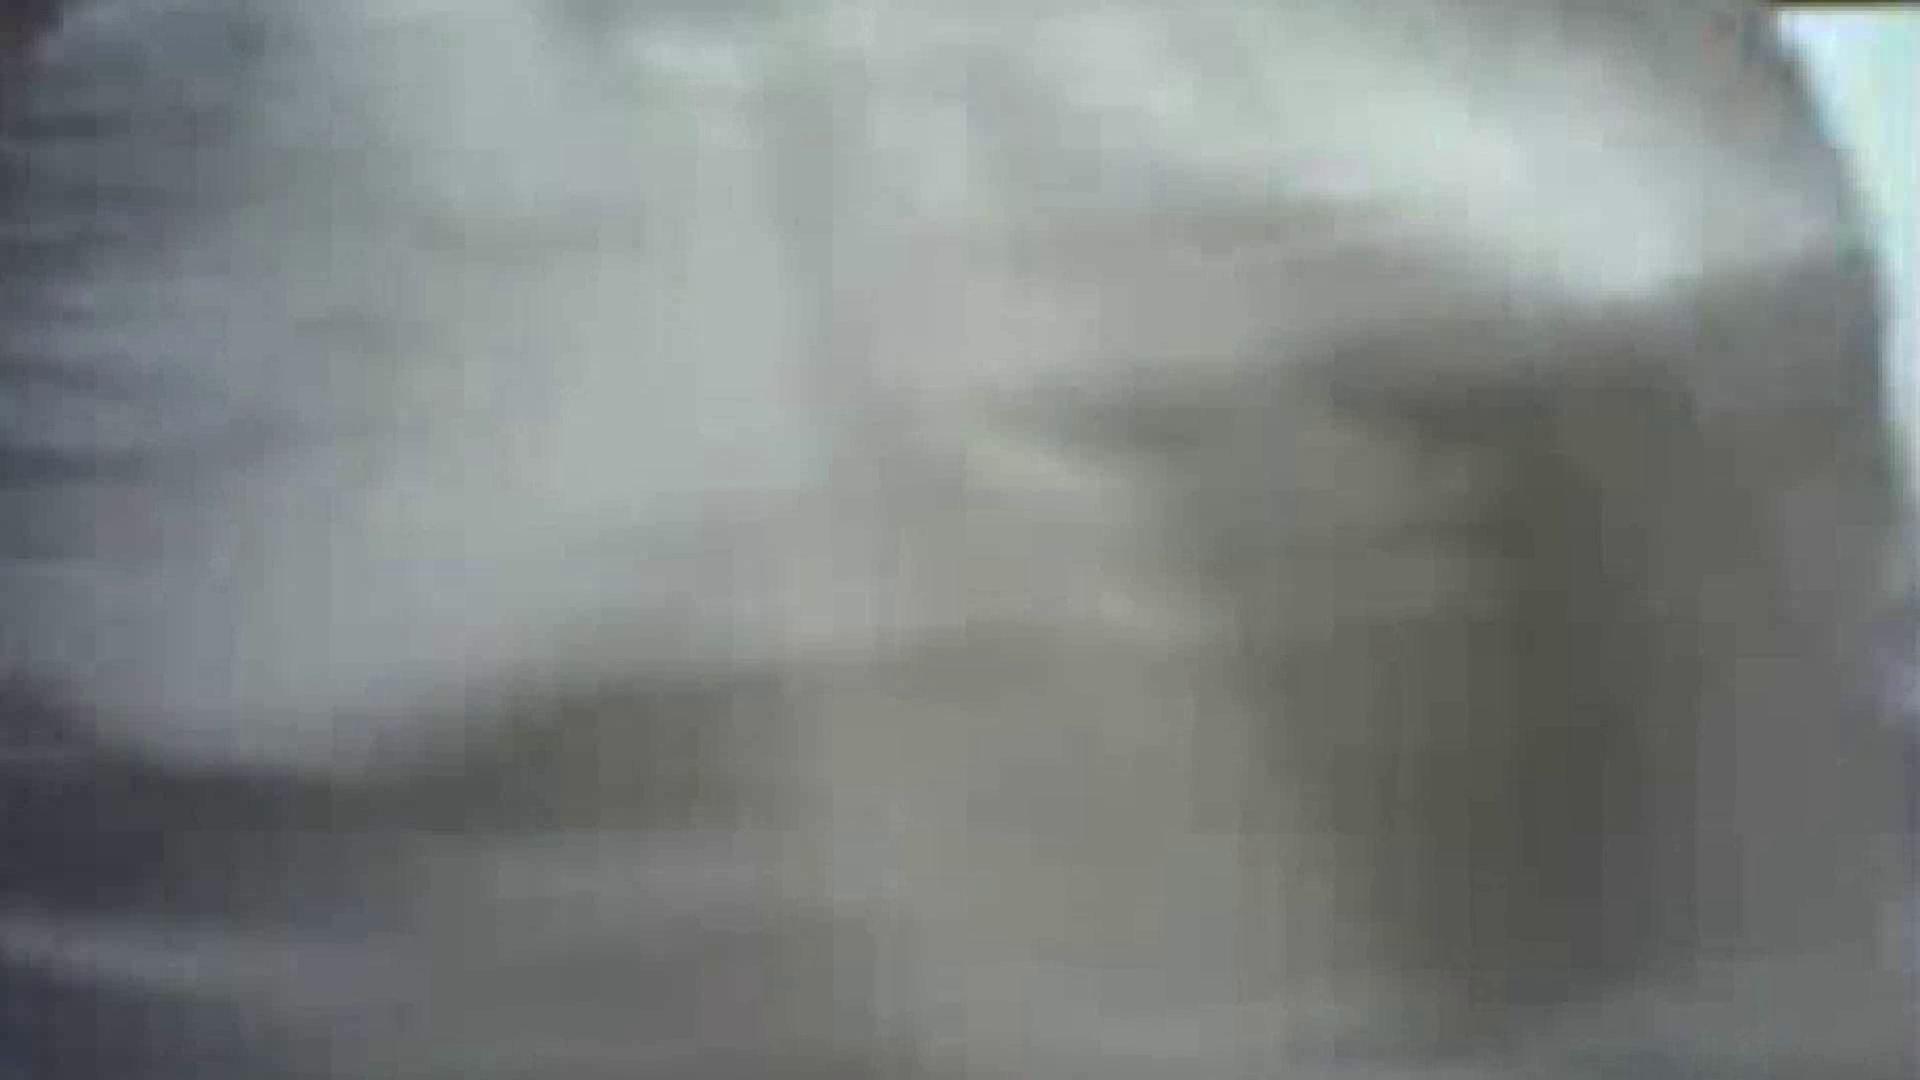 チャットをする男たち!Vol.02 念願の完全無修正 ちんぽ画像 79連発 22